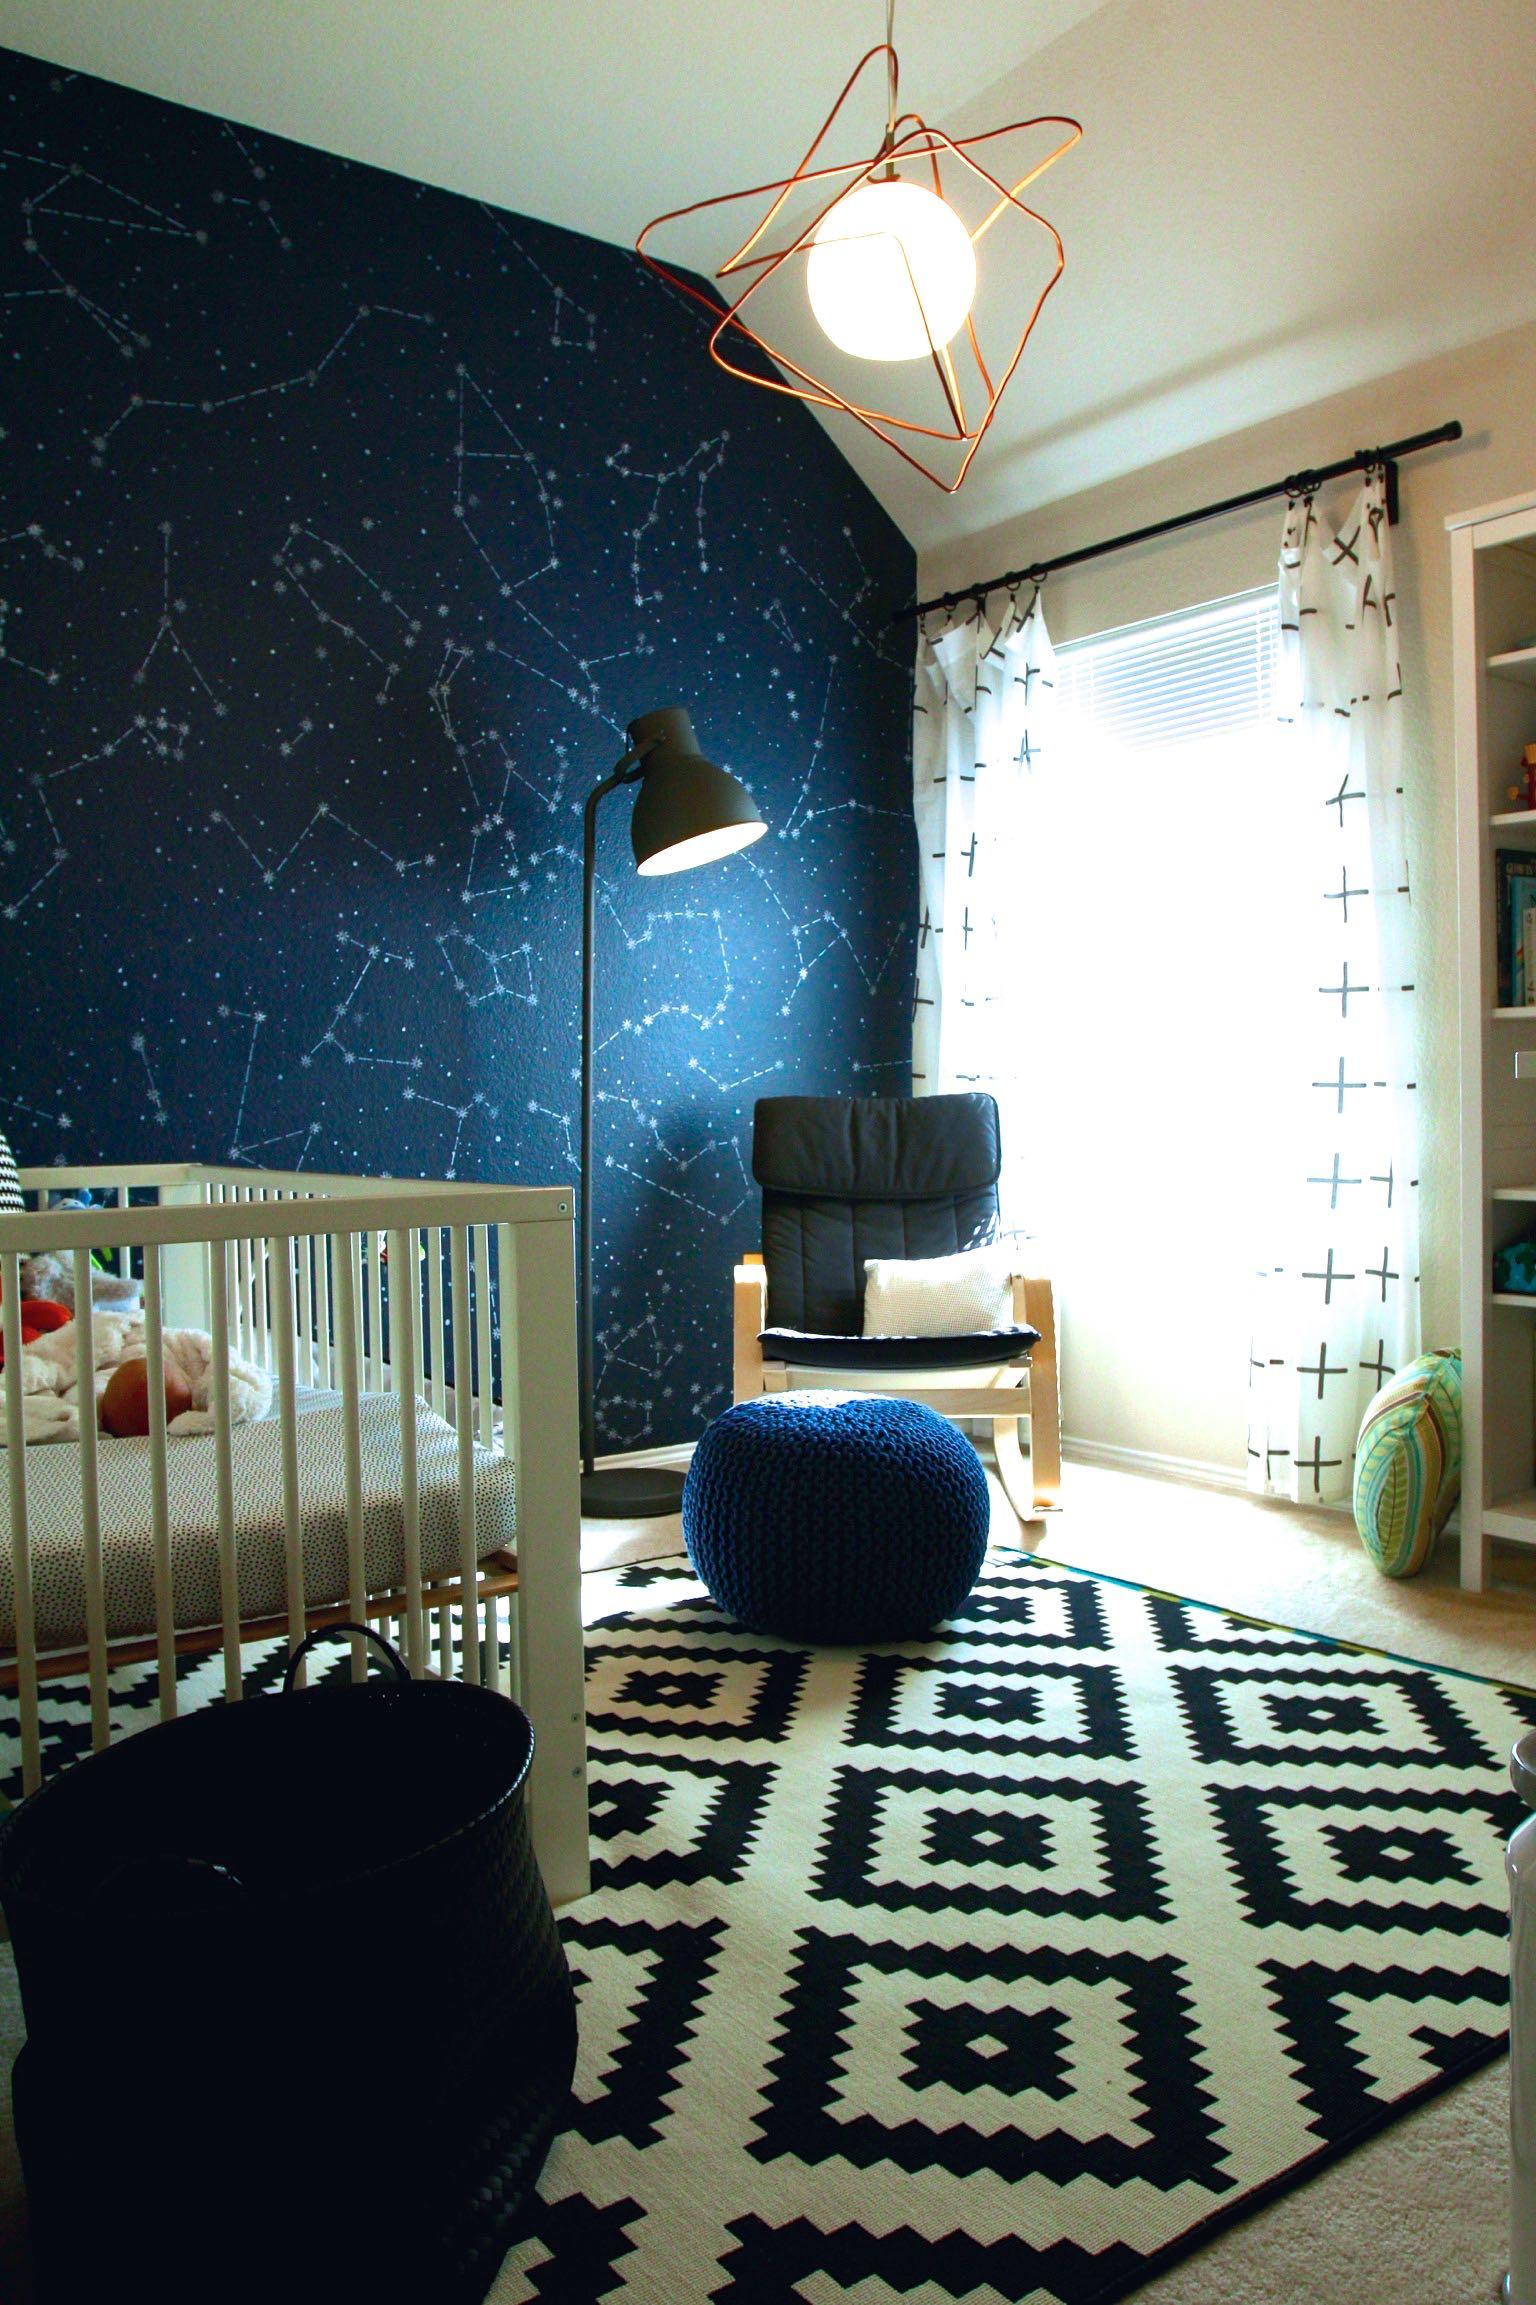 Kaiven\u0027s Space Nursery - Project Nursery